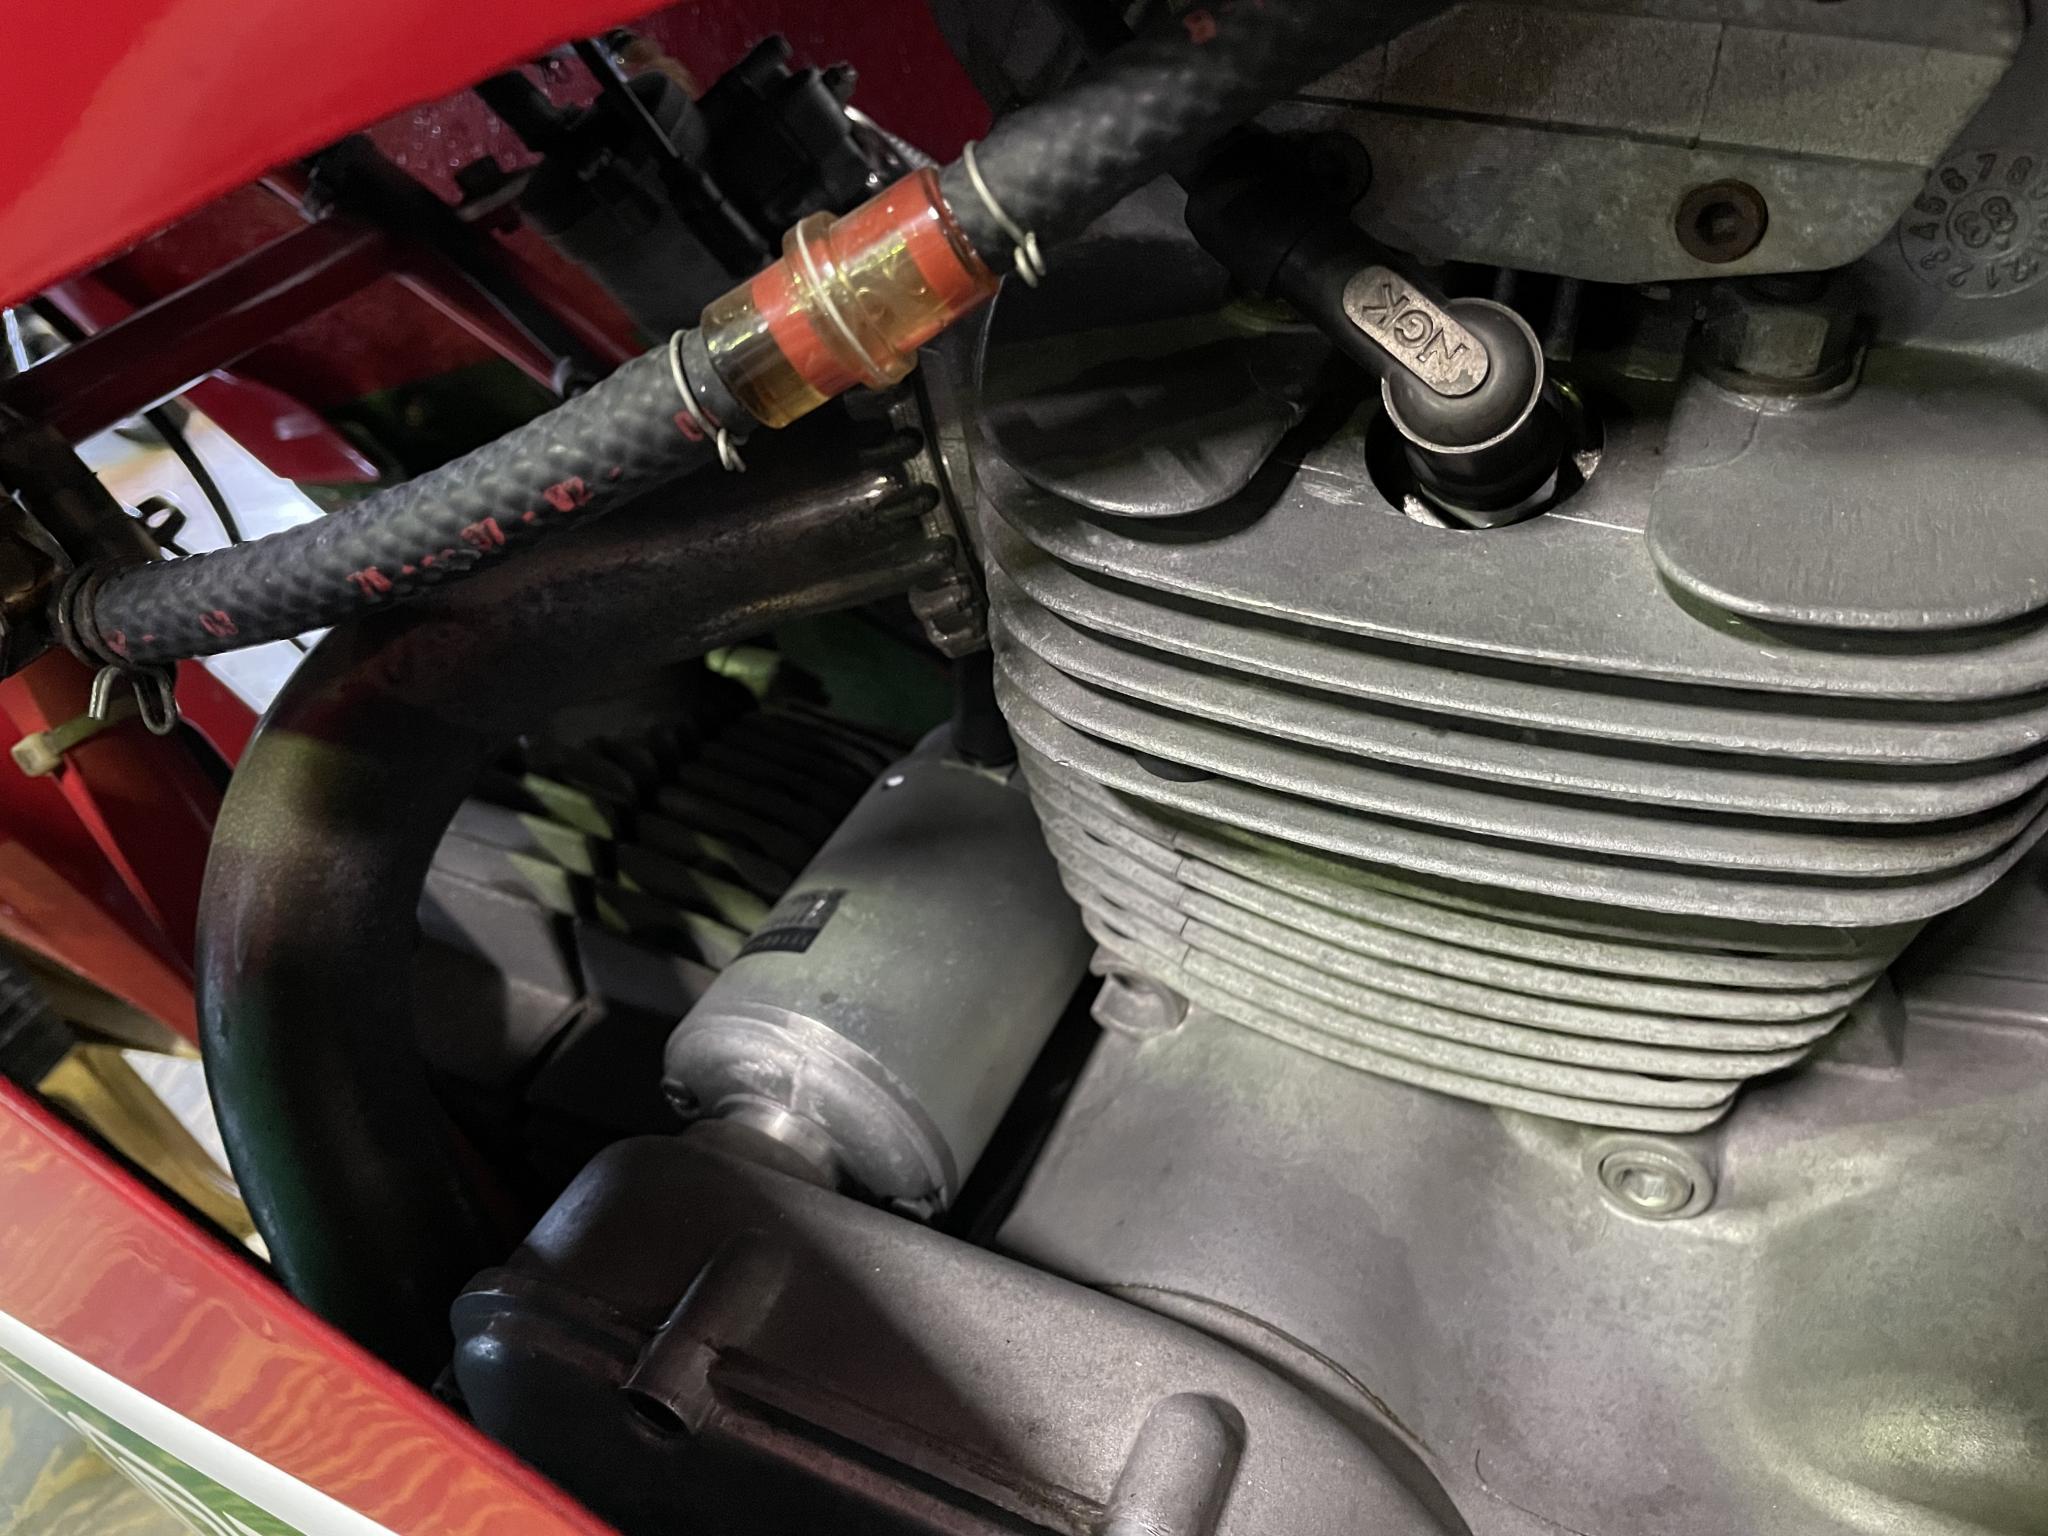 ドゥカティ 1983 Ducati MHR 900 R1 車体写真9